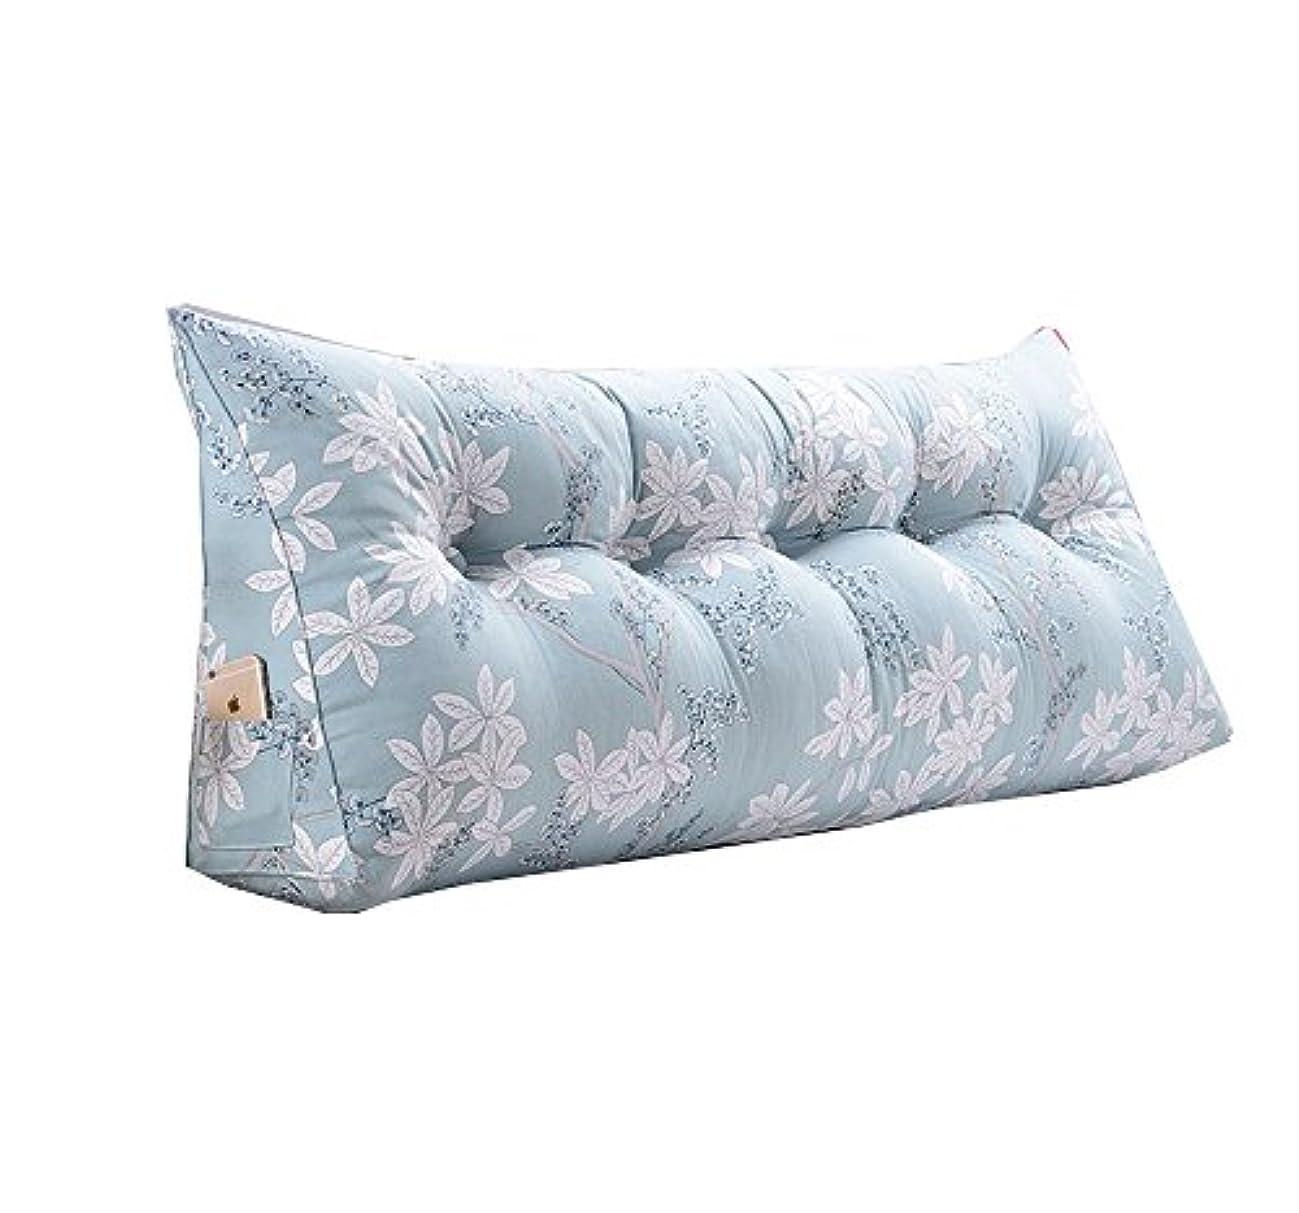 結果気がついて出演者取り外し可能な三角クッション/枕ダブルベッドソフトバッグベッドクッションベッド背もたれライトブルーの花のパターン (サイズ さいず : 100 * 50 * 20cm)